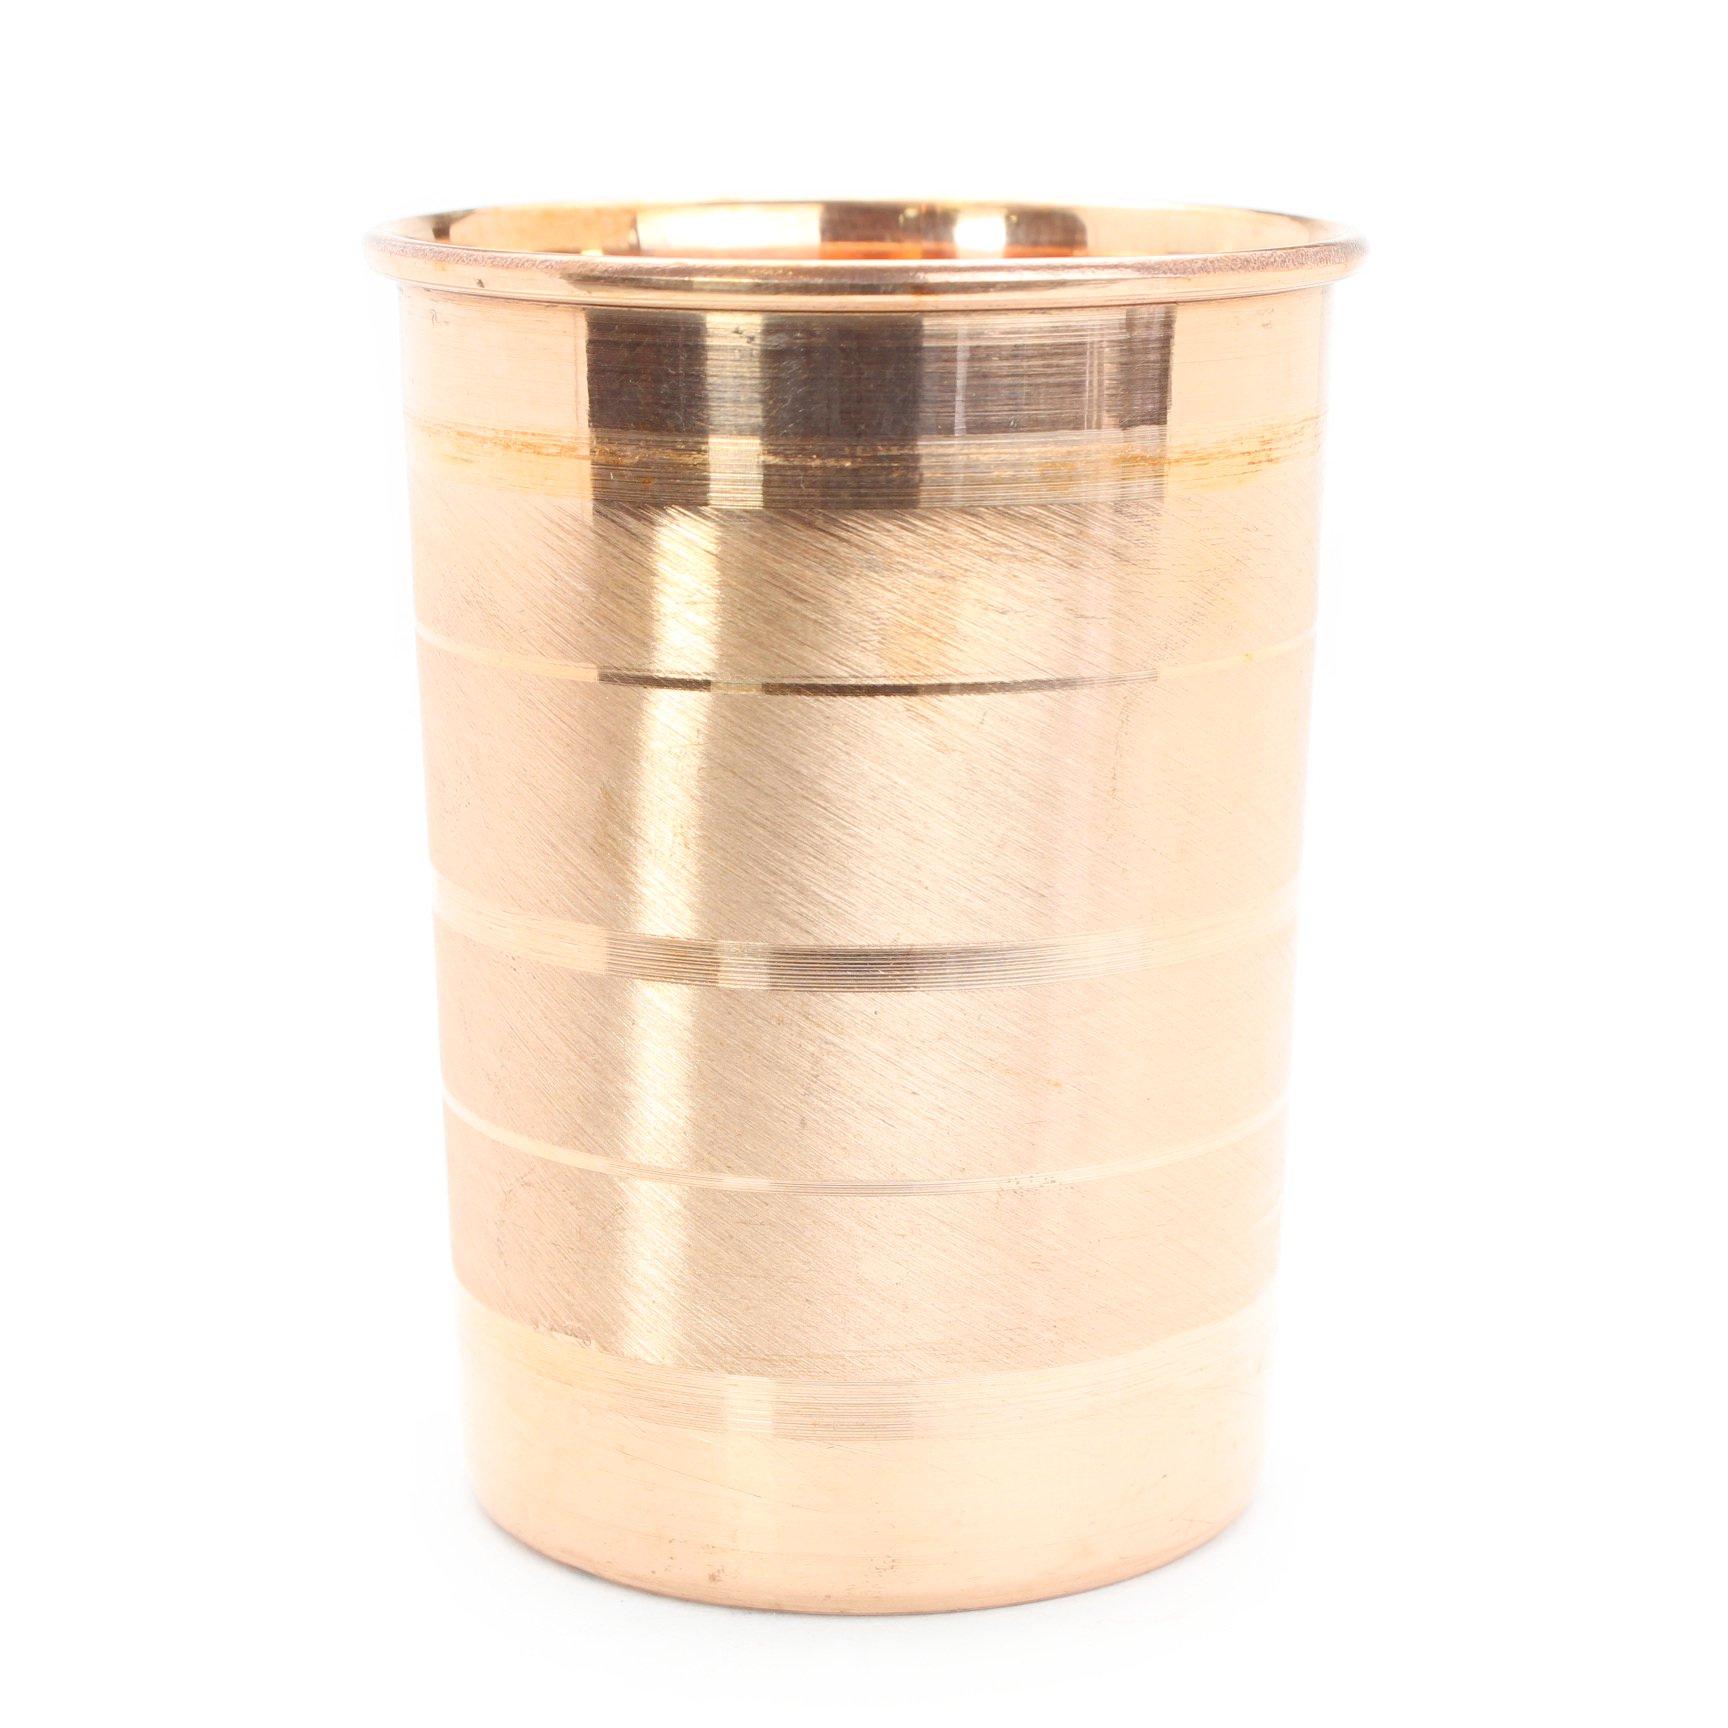 銅製カップ(礼拝用)